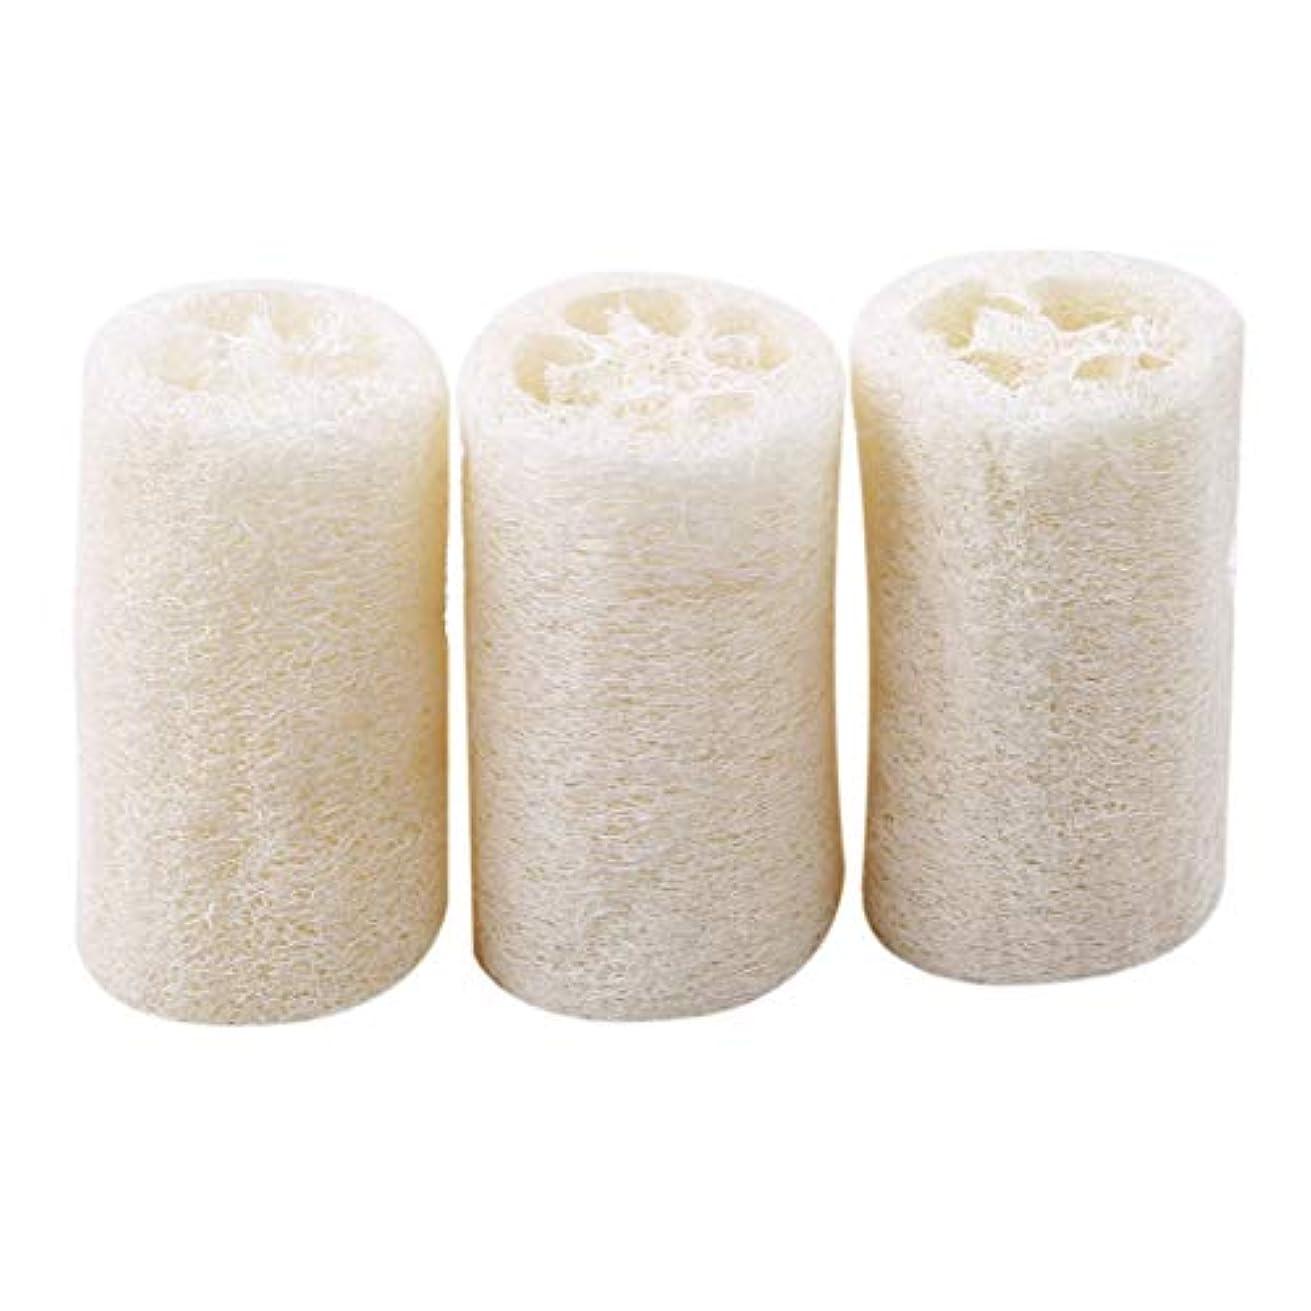 送った適用する読むOnior 耐久性 ボディースポンジ へちま お風呂 清掃 洗浄作業 3個セット